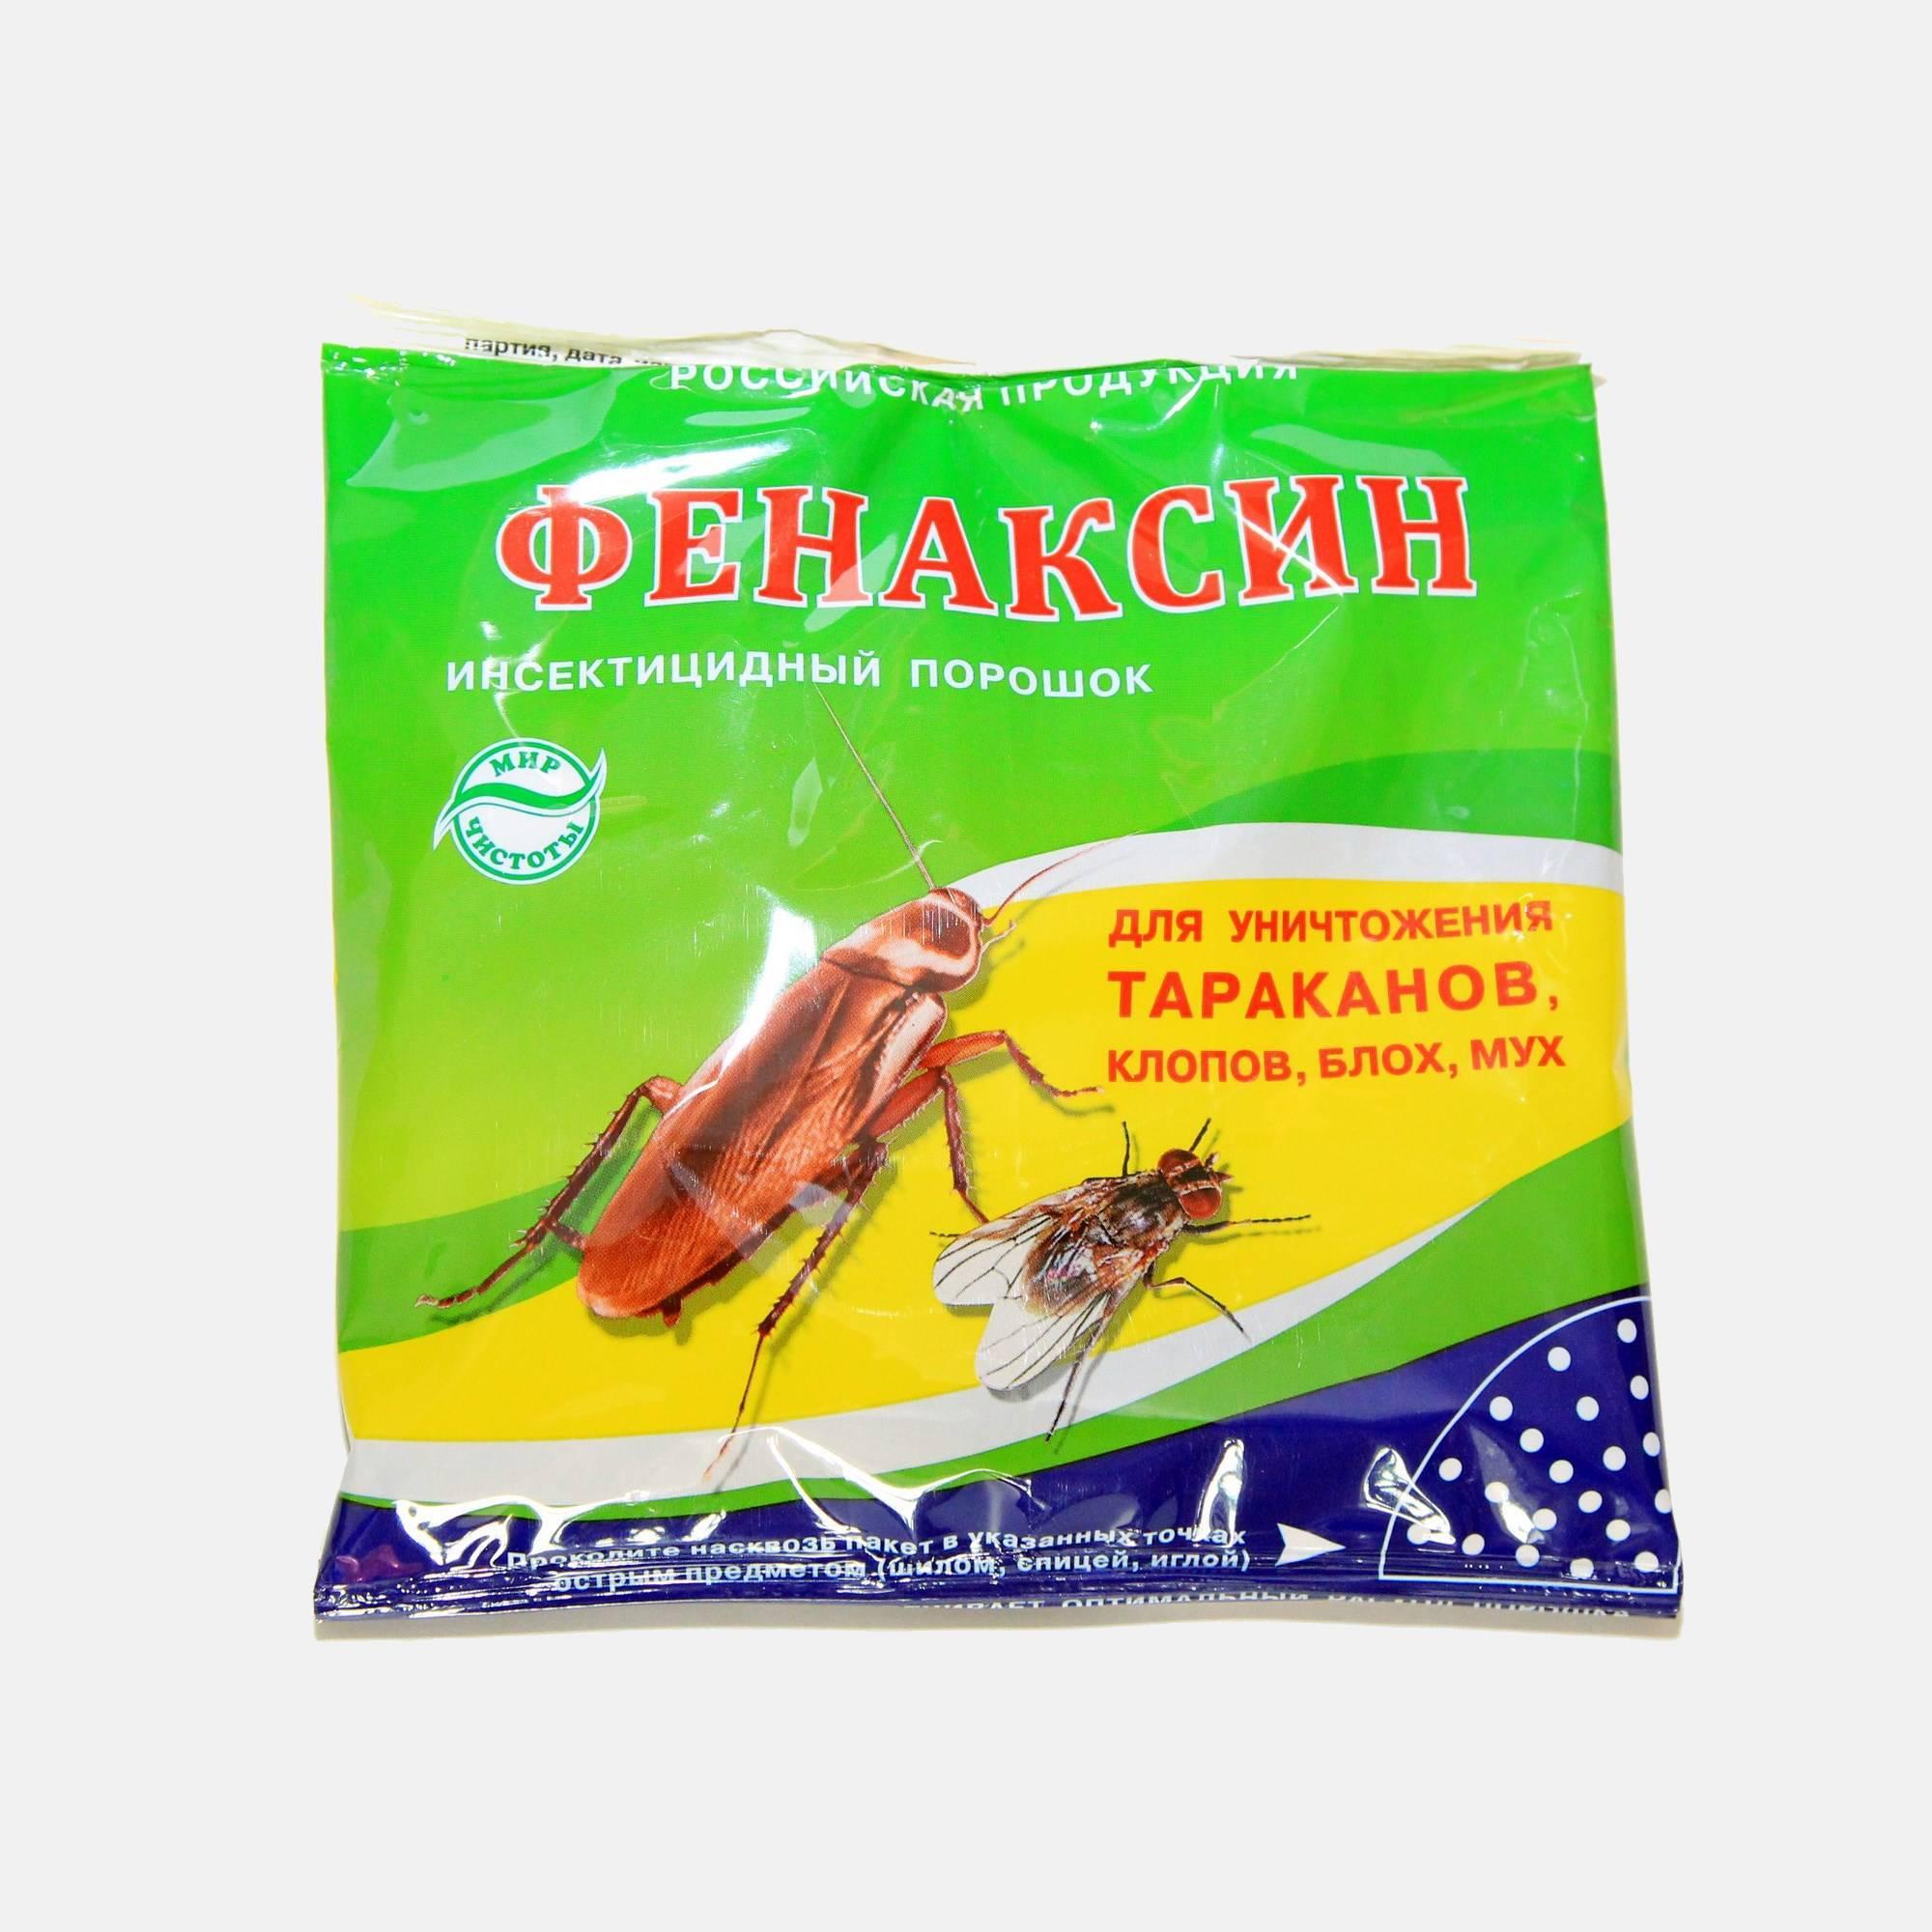 Выбираем дуст от тараканов